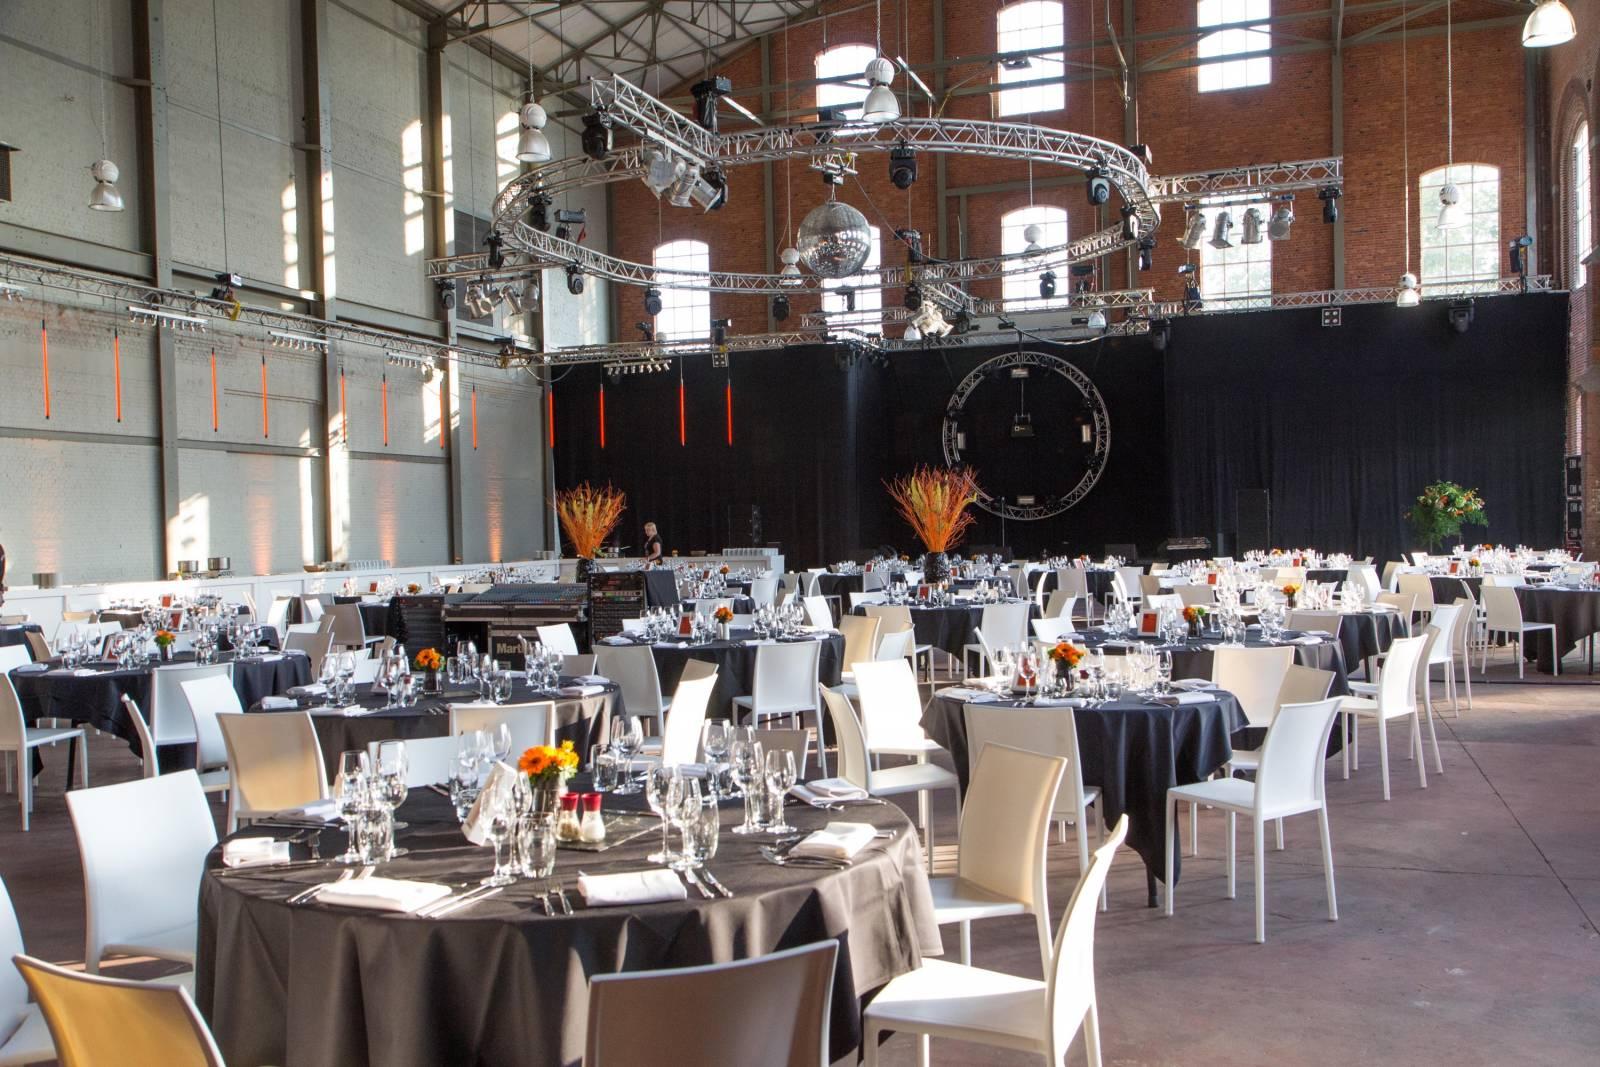 Hangar 43 - Feestzaal - Feestlocatie - Industrieel - Dendermonde (Antwerpen) - House of Events - 22